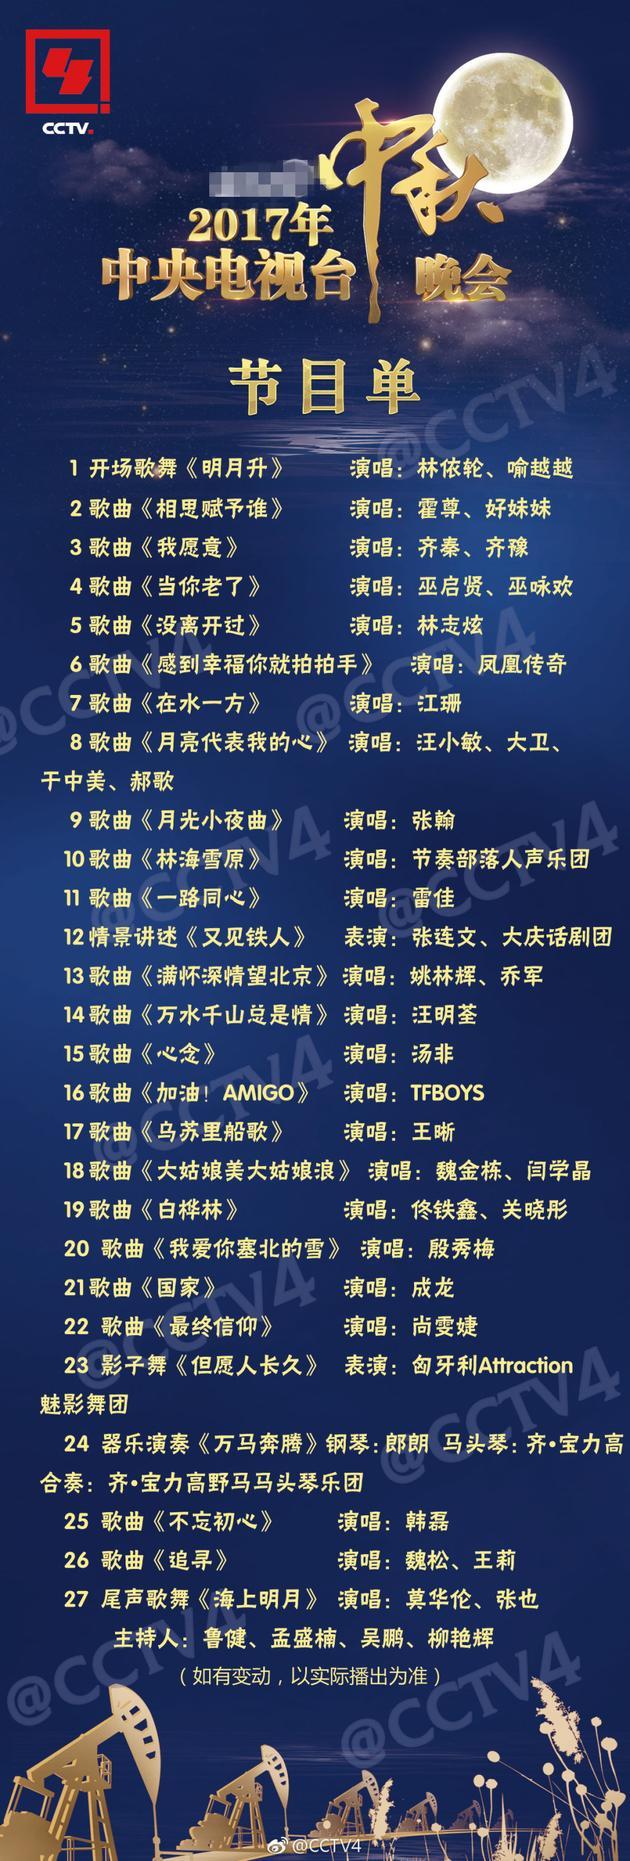 2017央视中秋晚会节目单曝光 成龙张翰TFBOYS献唱